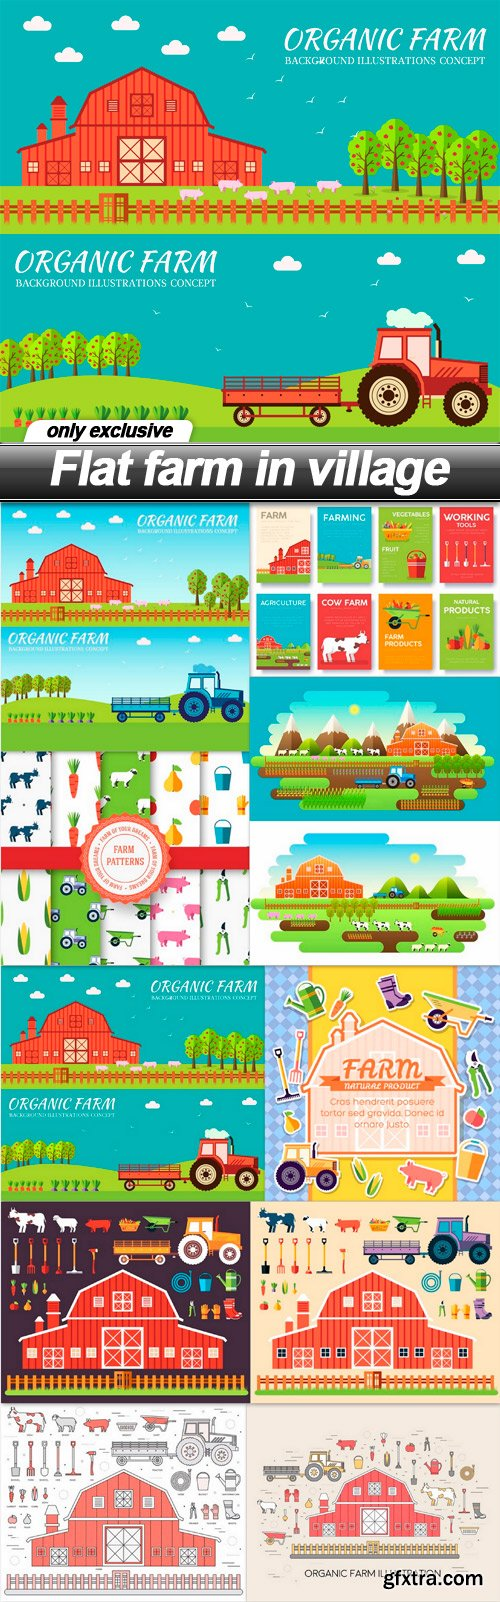 Flat farm in village - 10 EPS